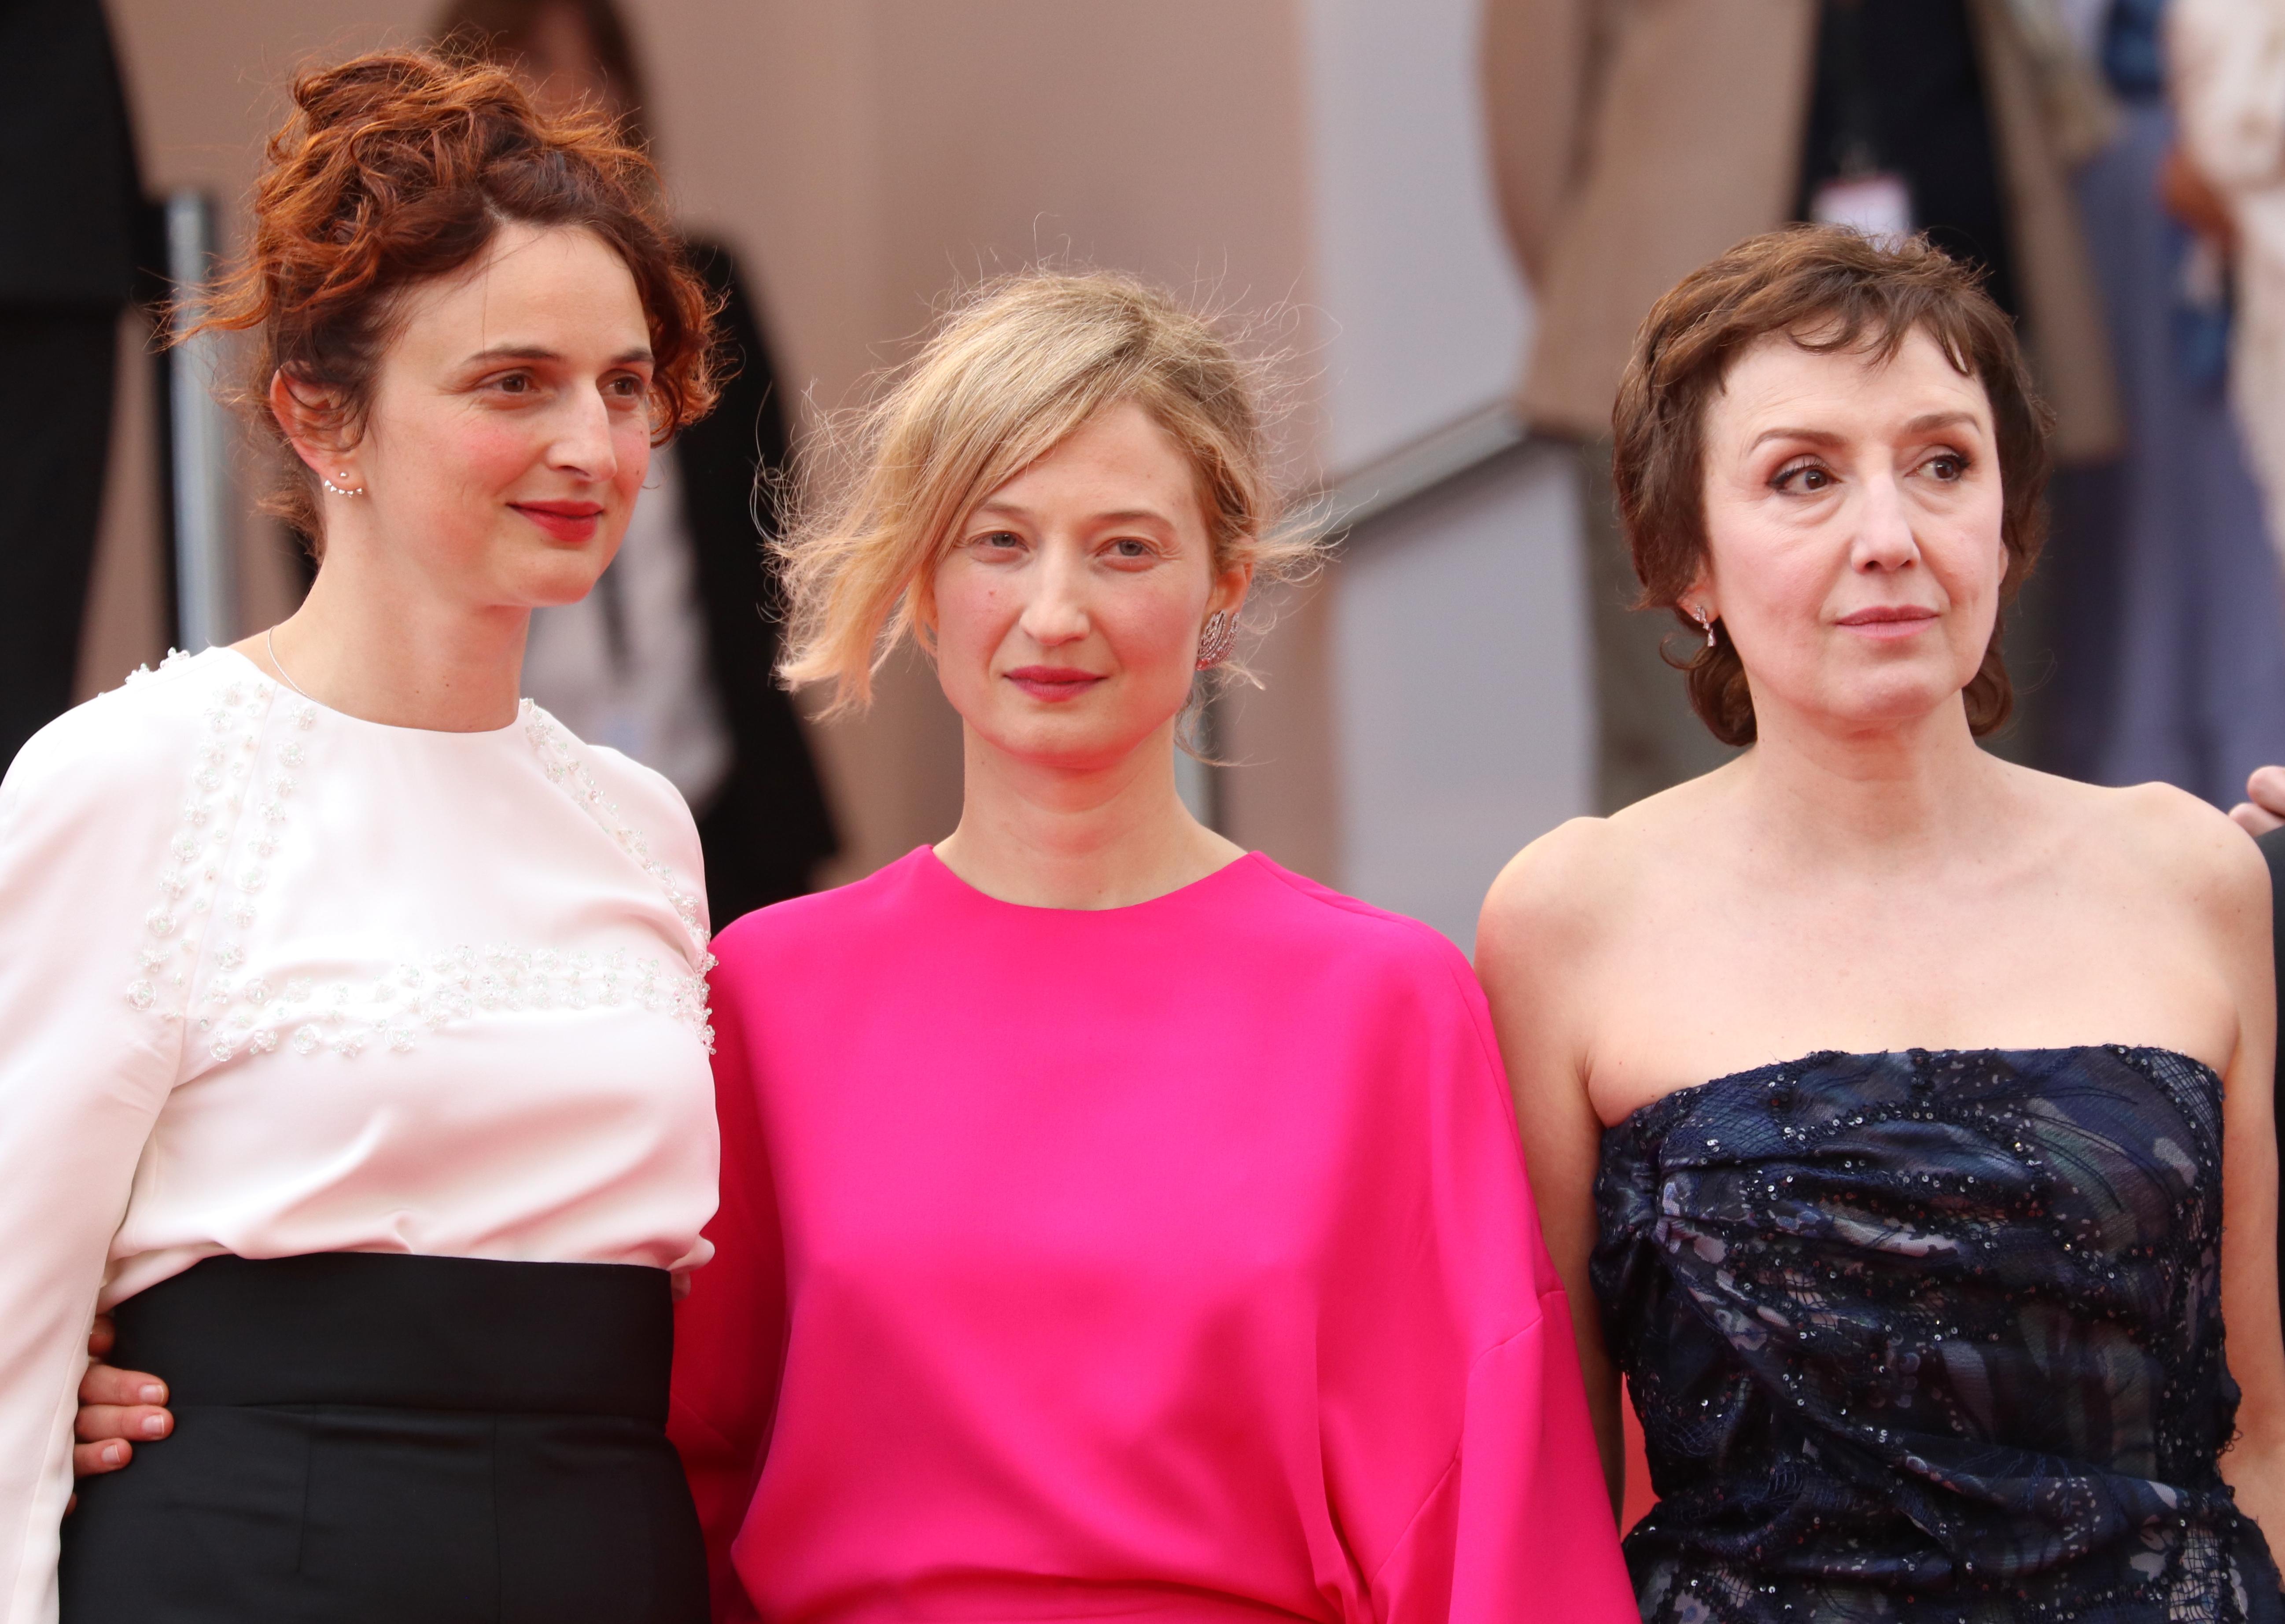 Cannes 2018: Nicoletta Braschi, Alba Rohrwacher e Alice Rohrwacher sul red carpet di Lazzaro Felice